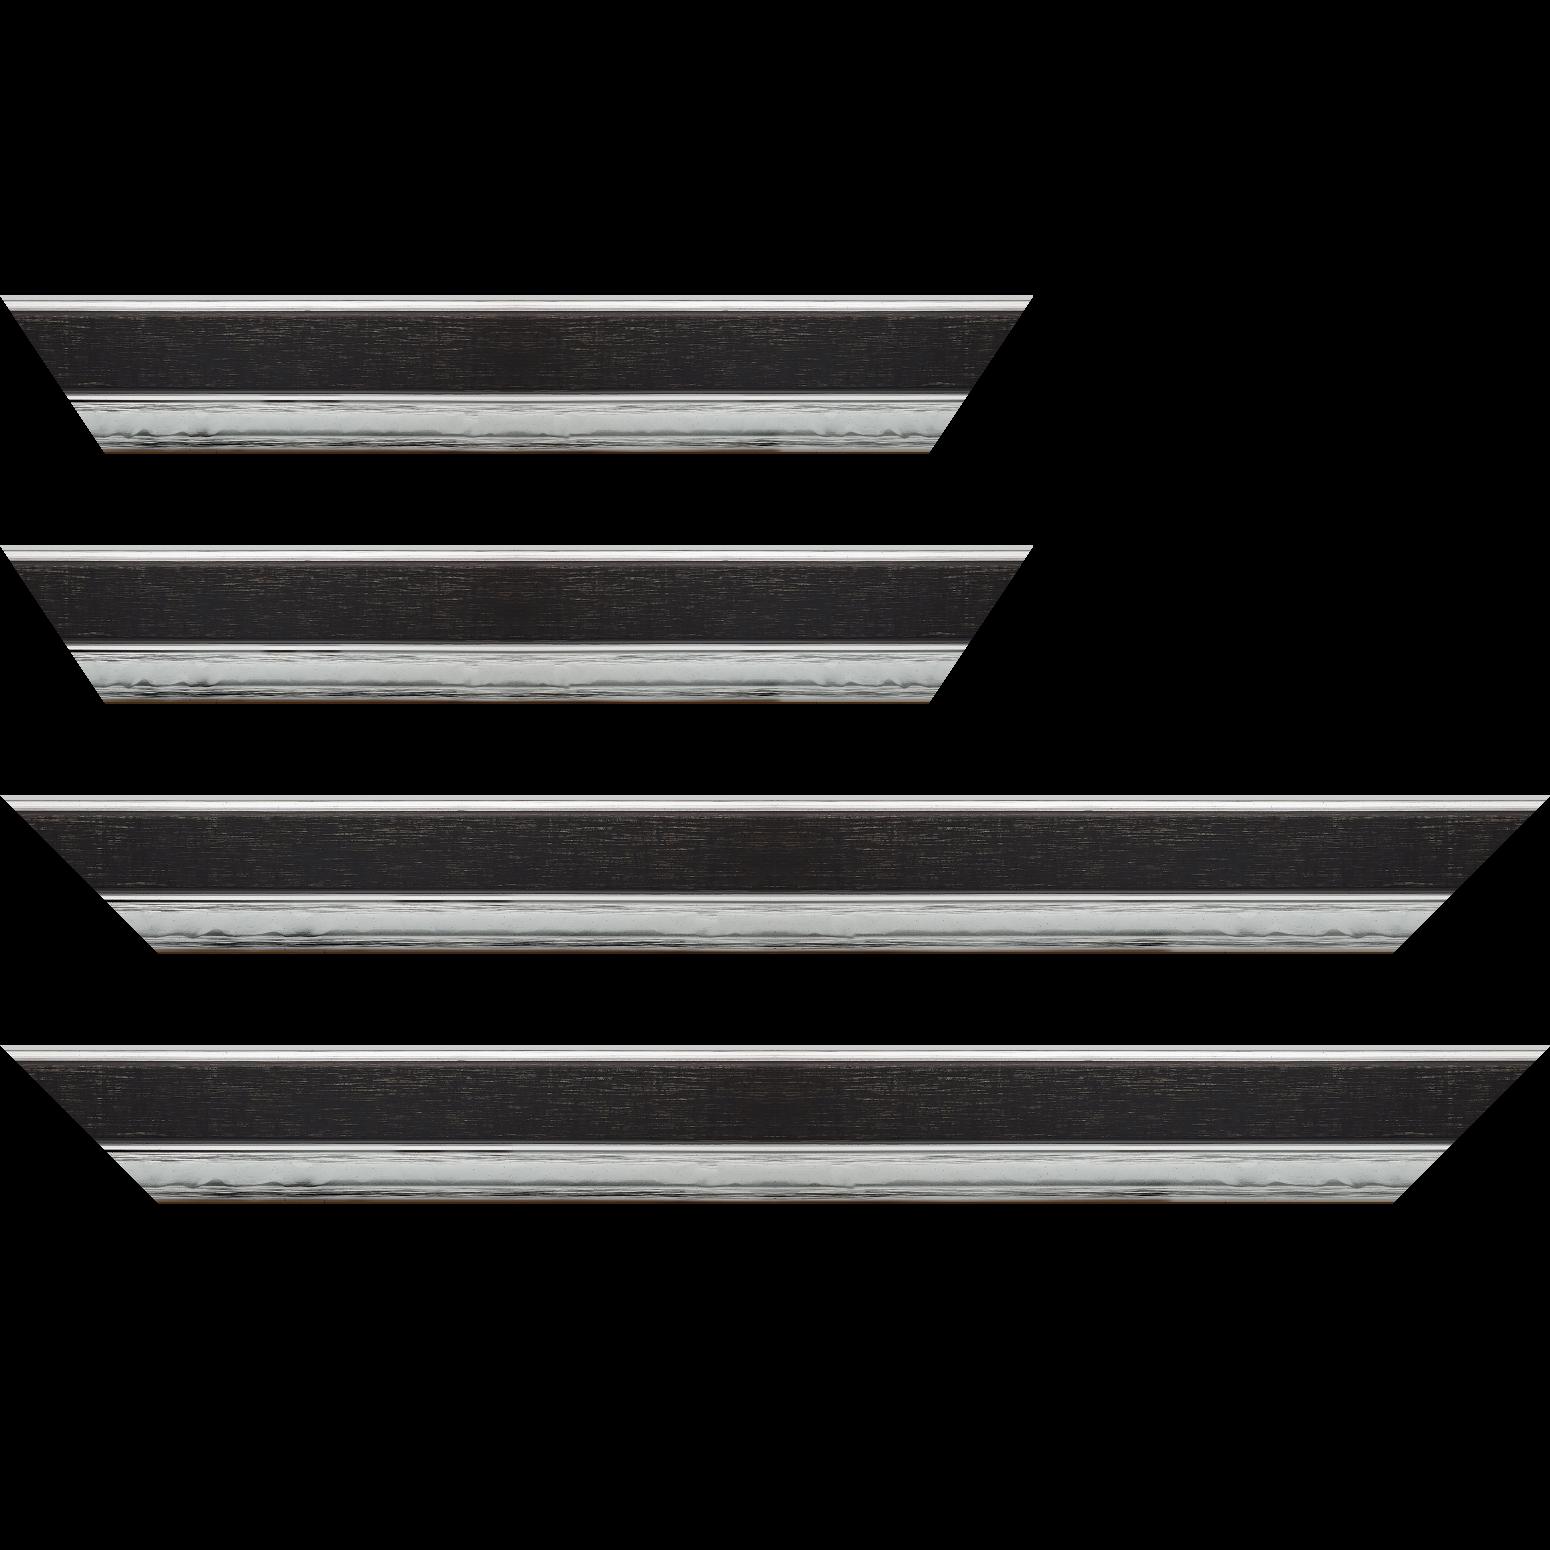 Baguette service précoupé Bois profil plat largeur 5cm couleur noir nez argent chromé bosselé